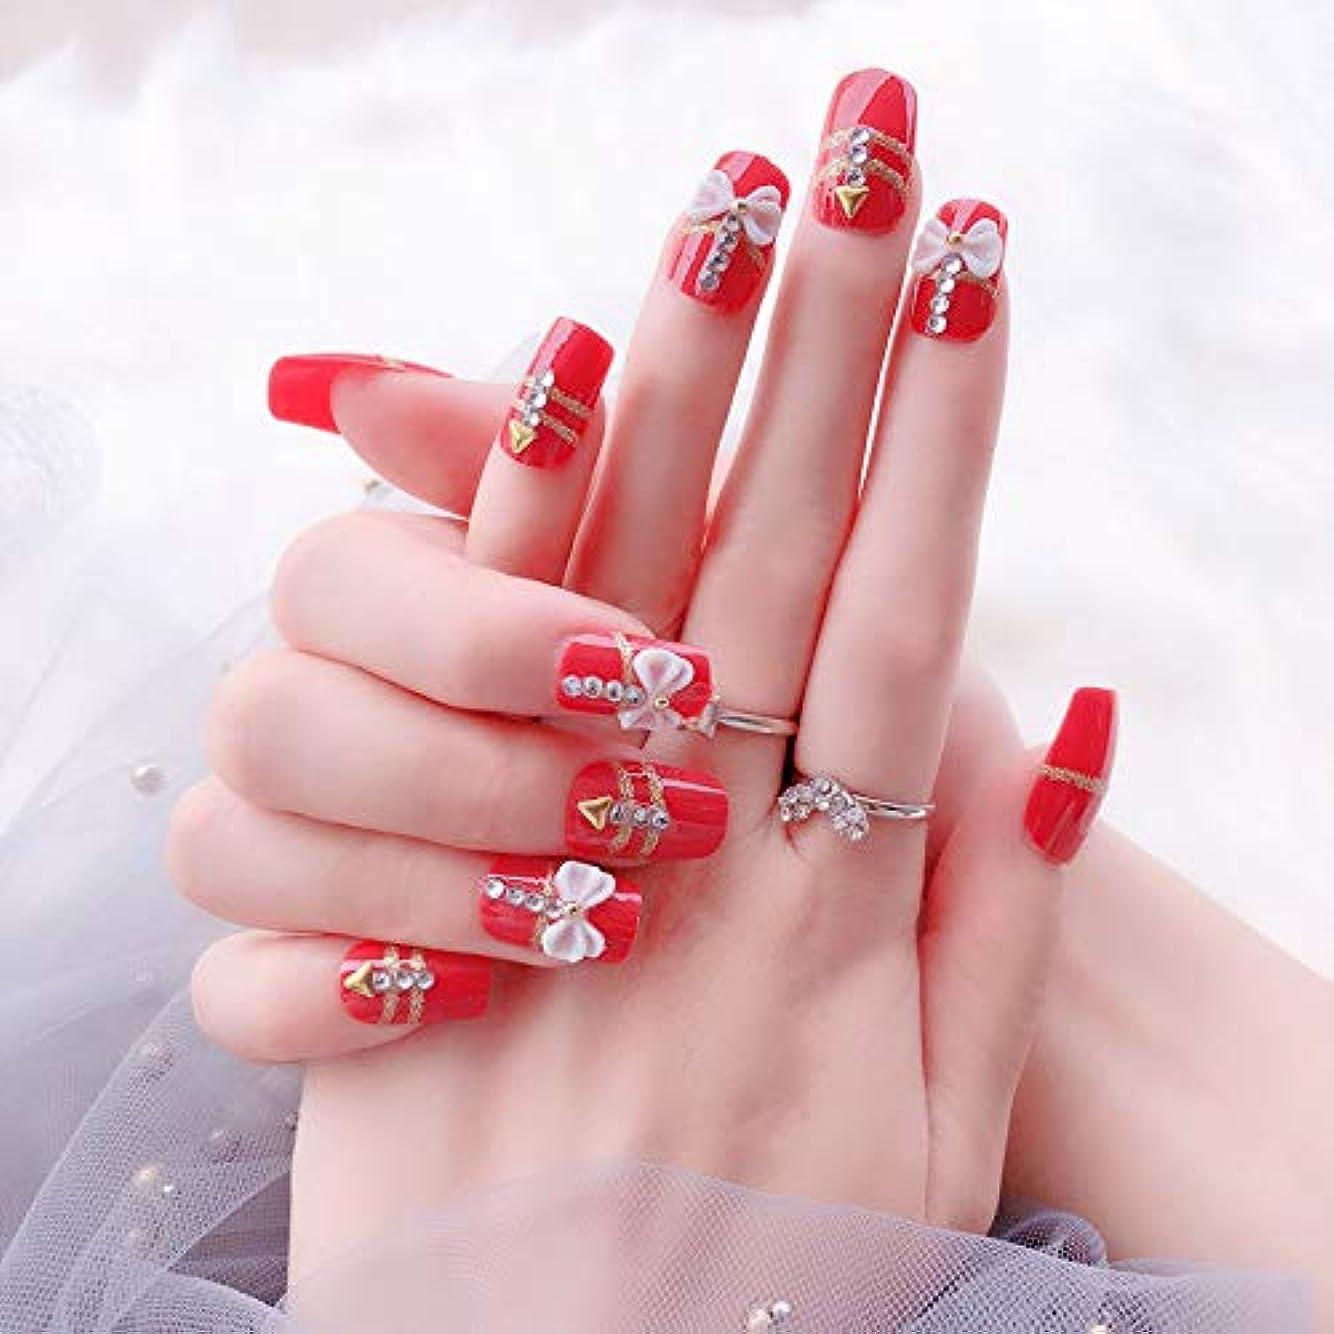 形状カヌーお花嫁ネイル 手作りネイルチップ 和装 ネイル 24枚入 結婚式、パーティー、二次会など 可愛い優雅ネイル 蝶の飾り付け (レッド)